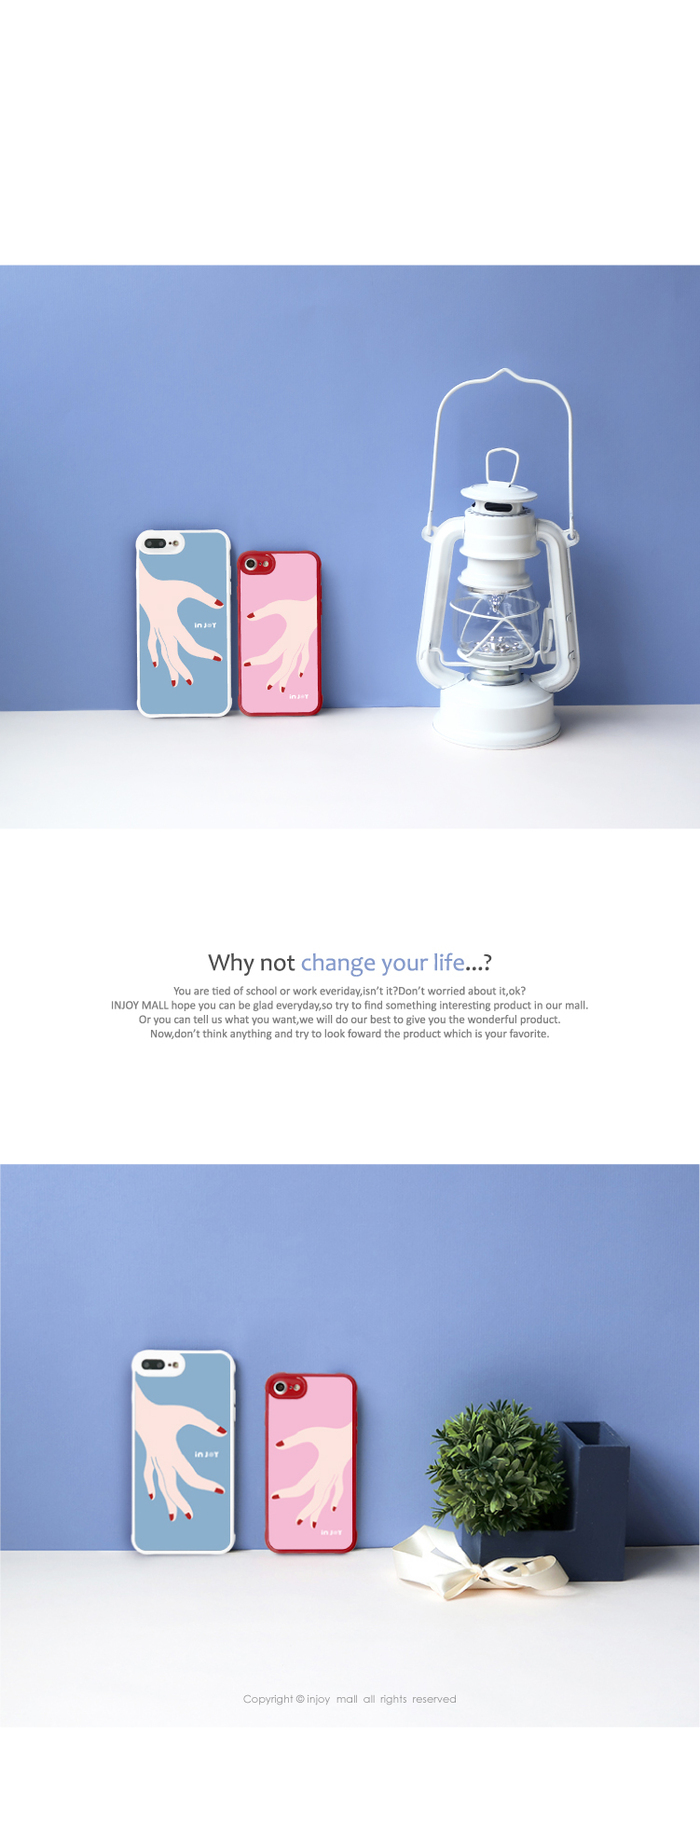 (複製)INJOY mall iPhone 7 / 8 / Plus / X 系列 熱帶度假風情  耐撞擊邊框手機殼